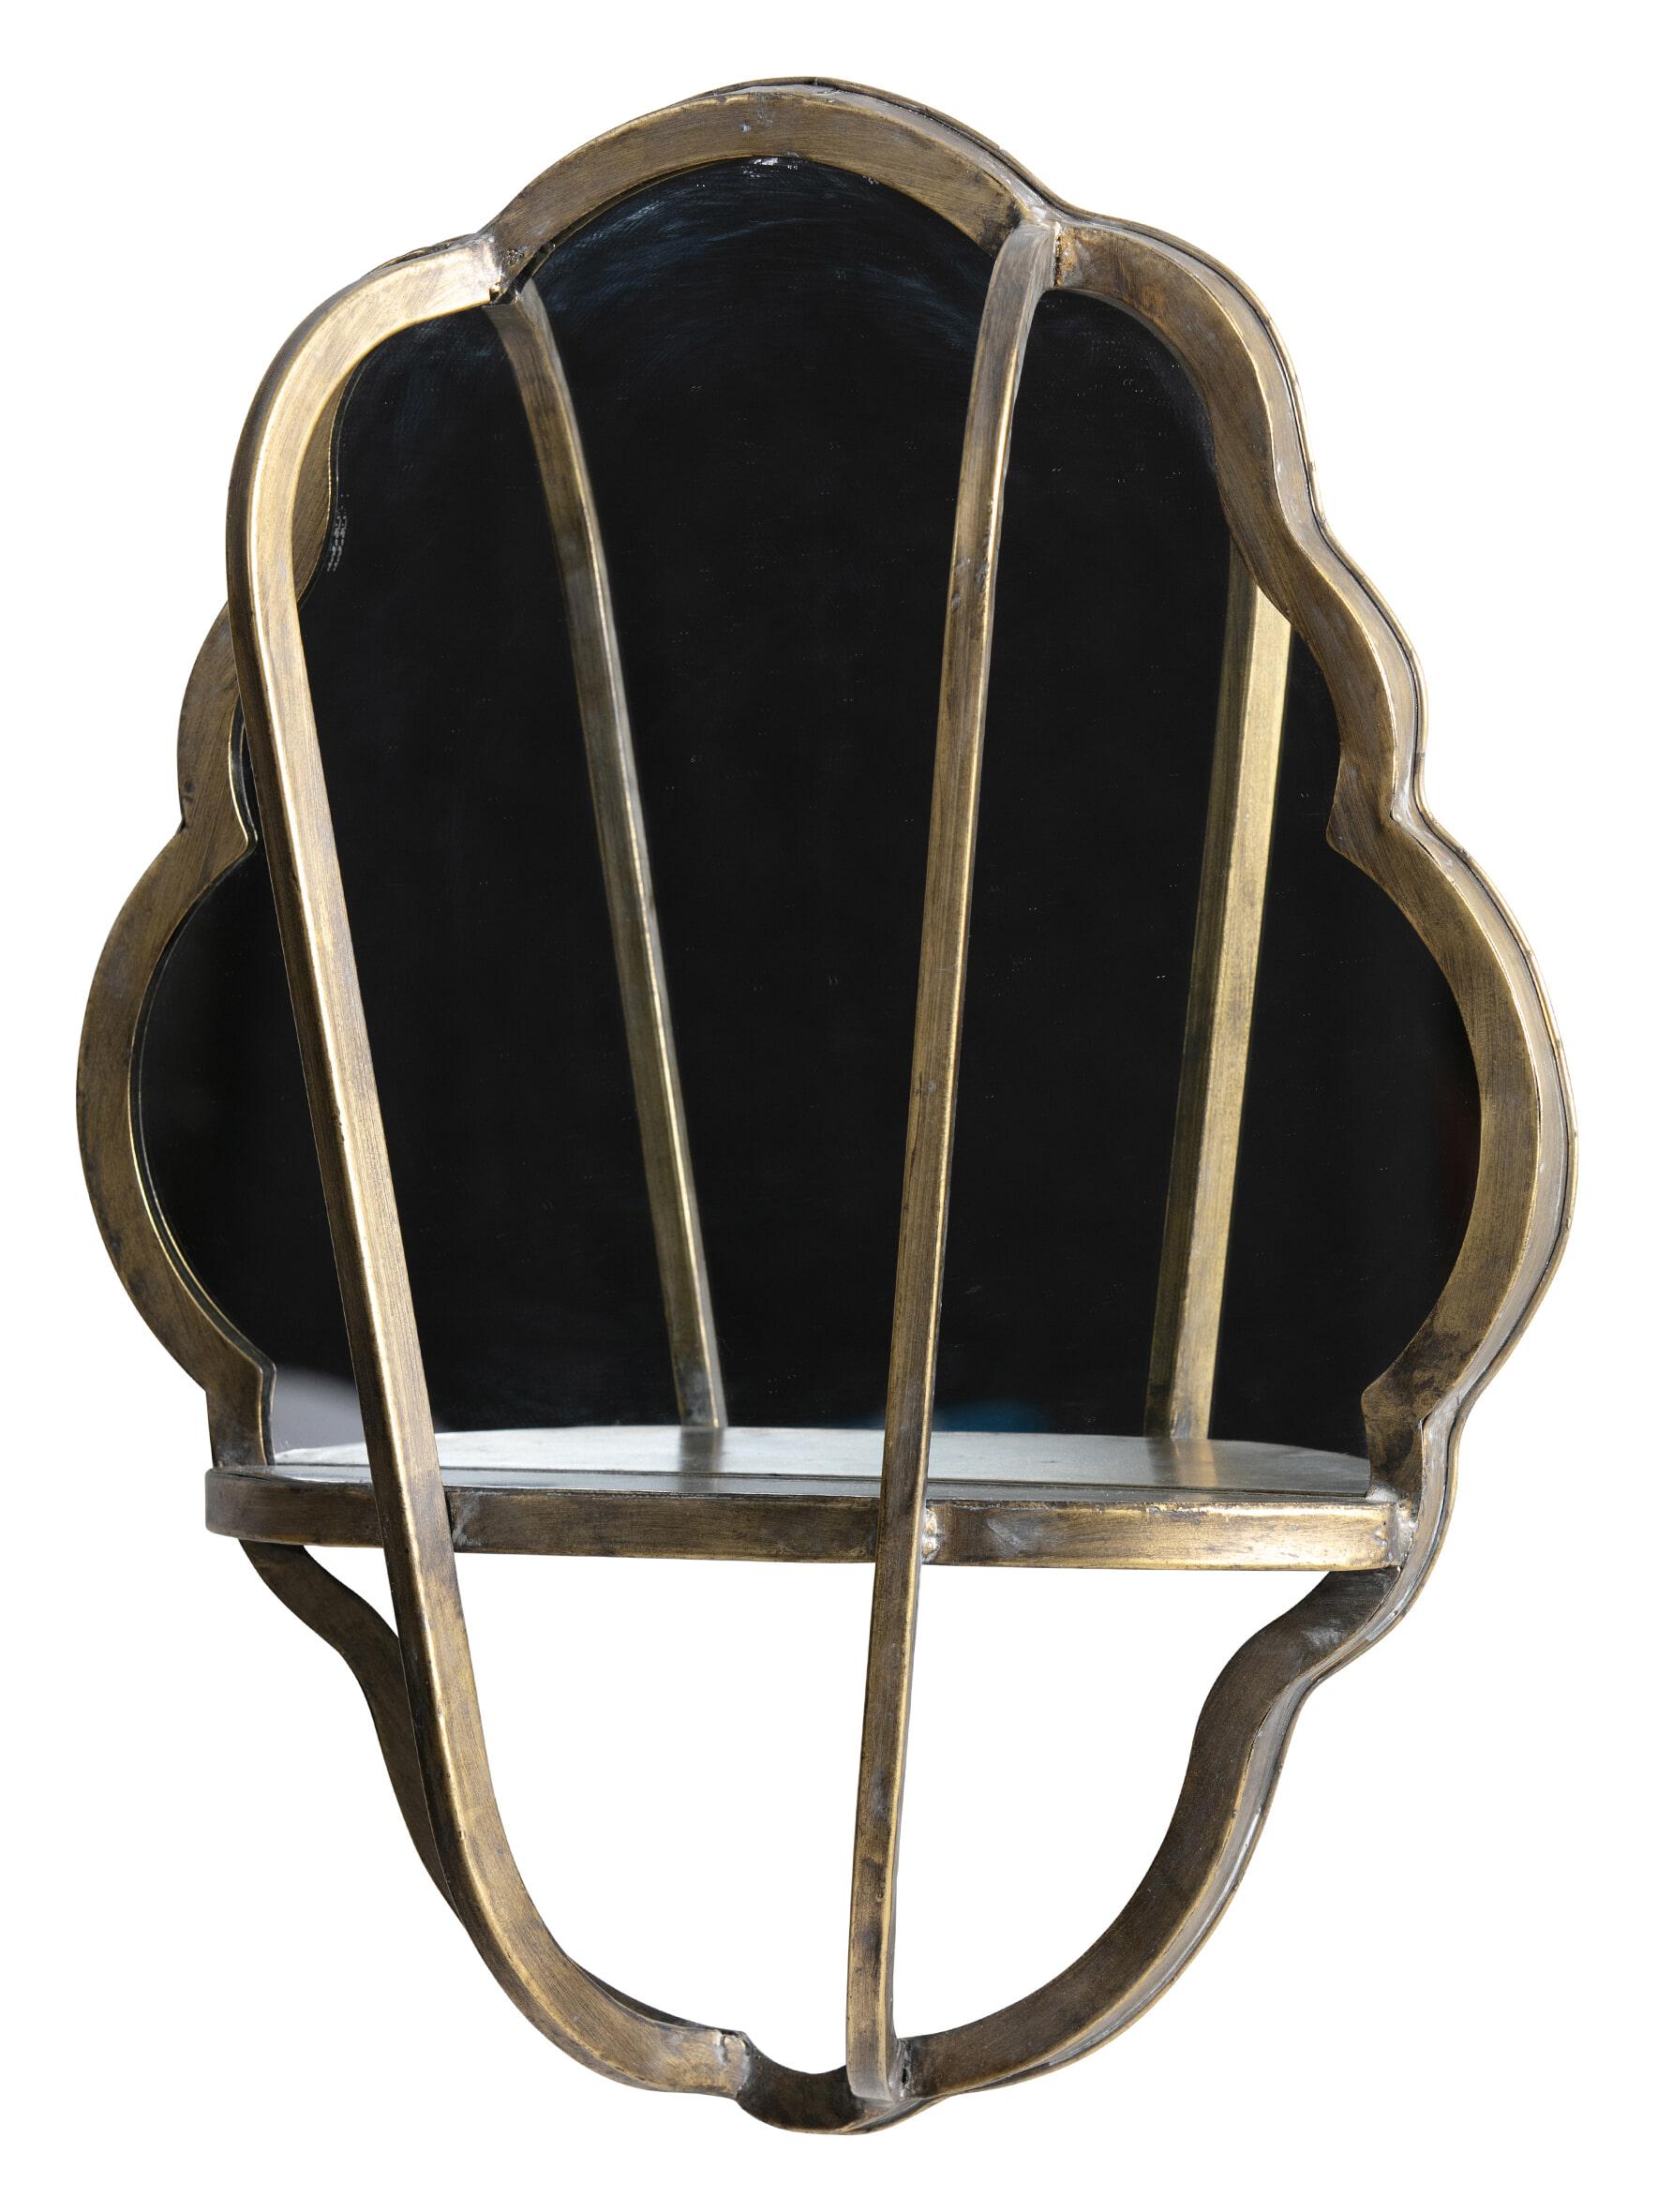 BePureHome Spiegel 'Reflect' 51 x 40cm, kleur Antique Brass